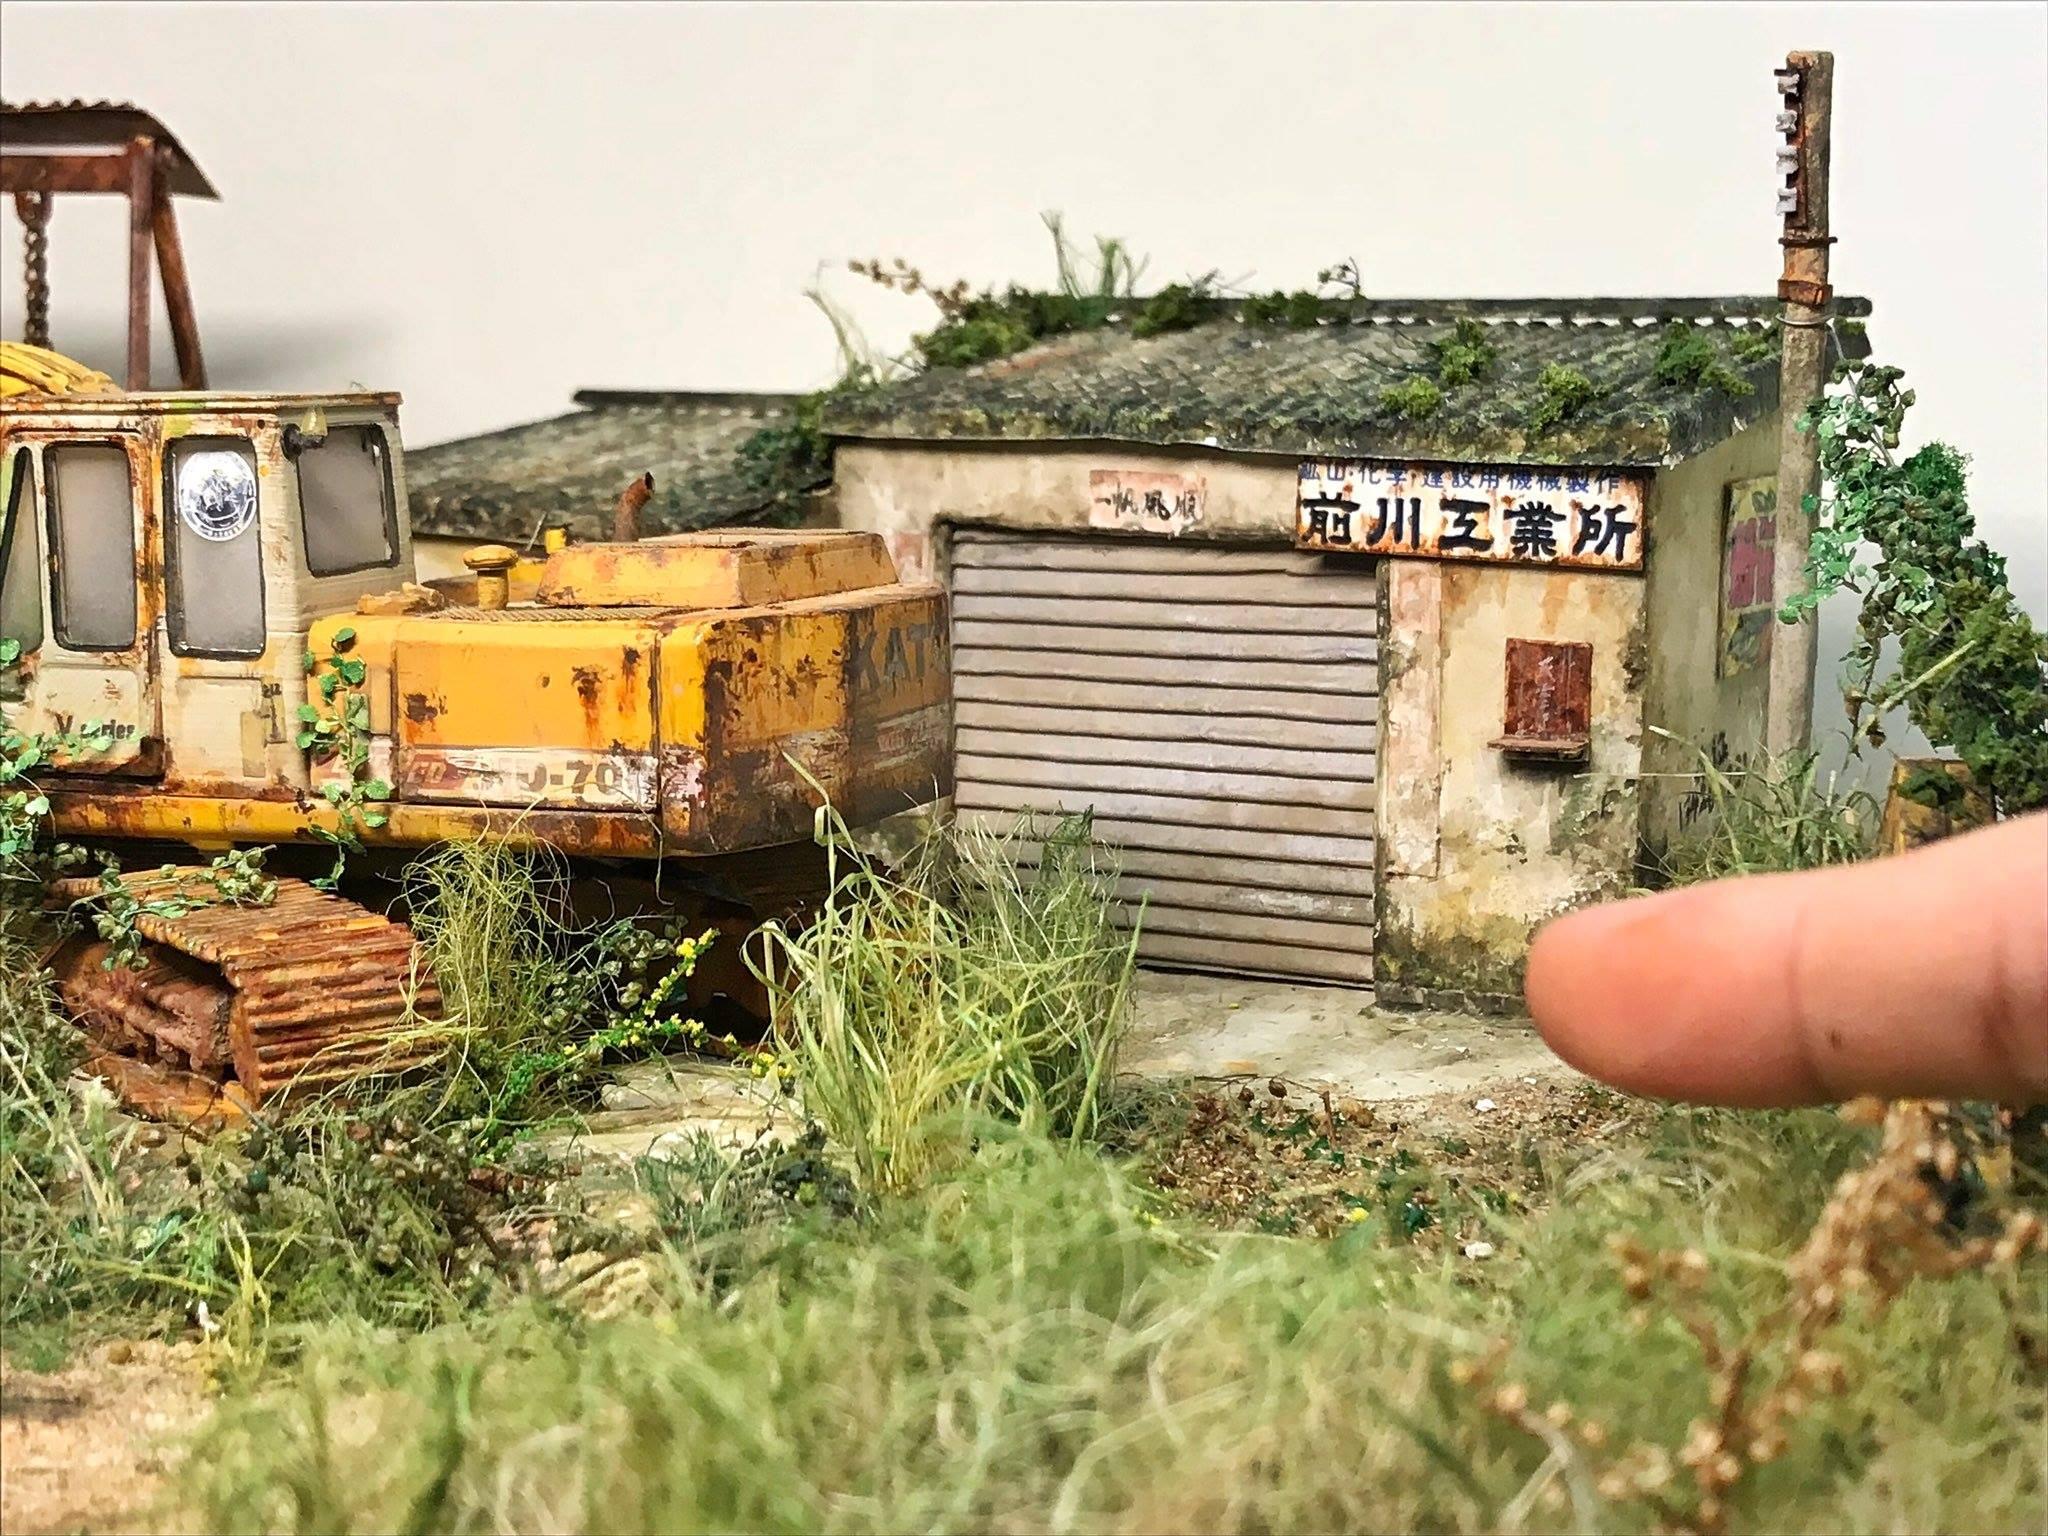 Diorama cực chất của nghệ nhân Chau Wen Pok